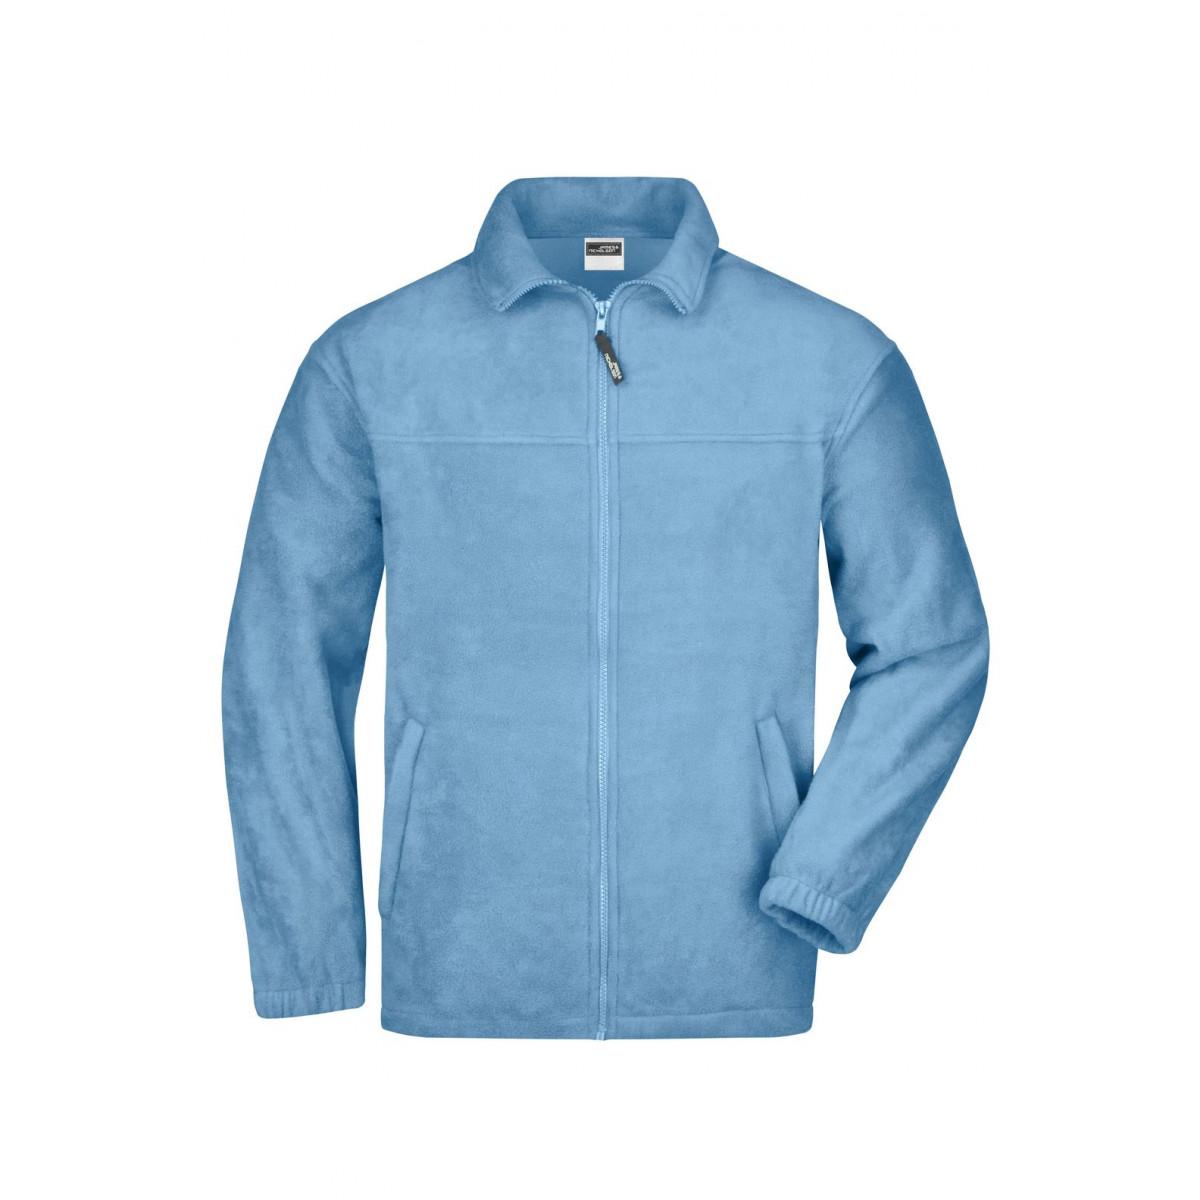 Толстовка мужская JN044 Full-Zip Fleece - Светло-голубой